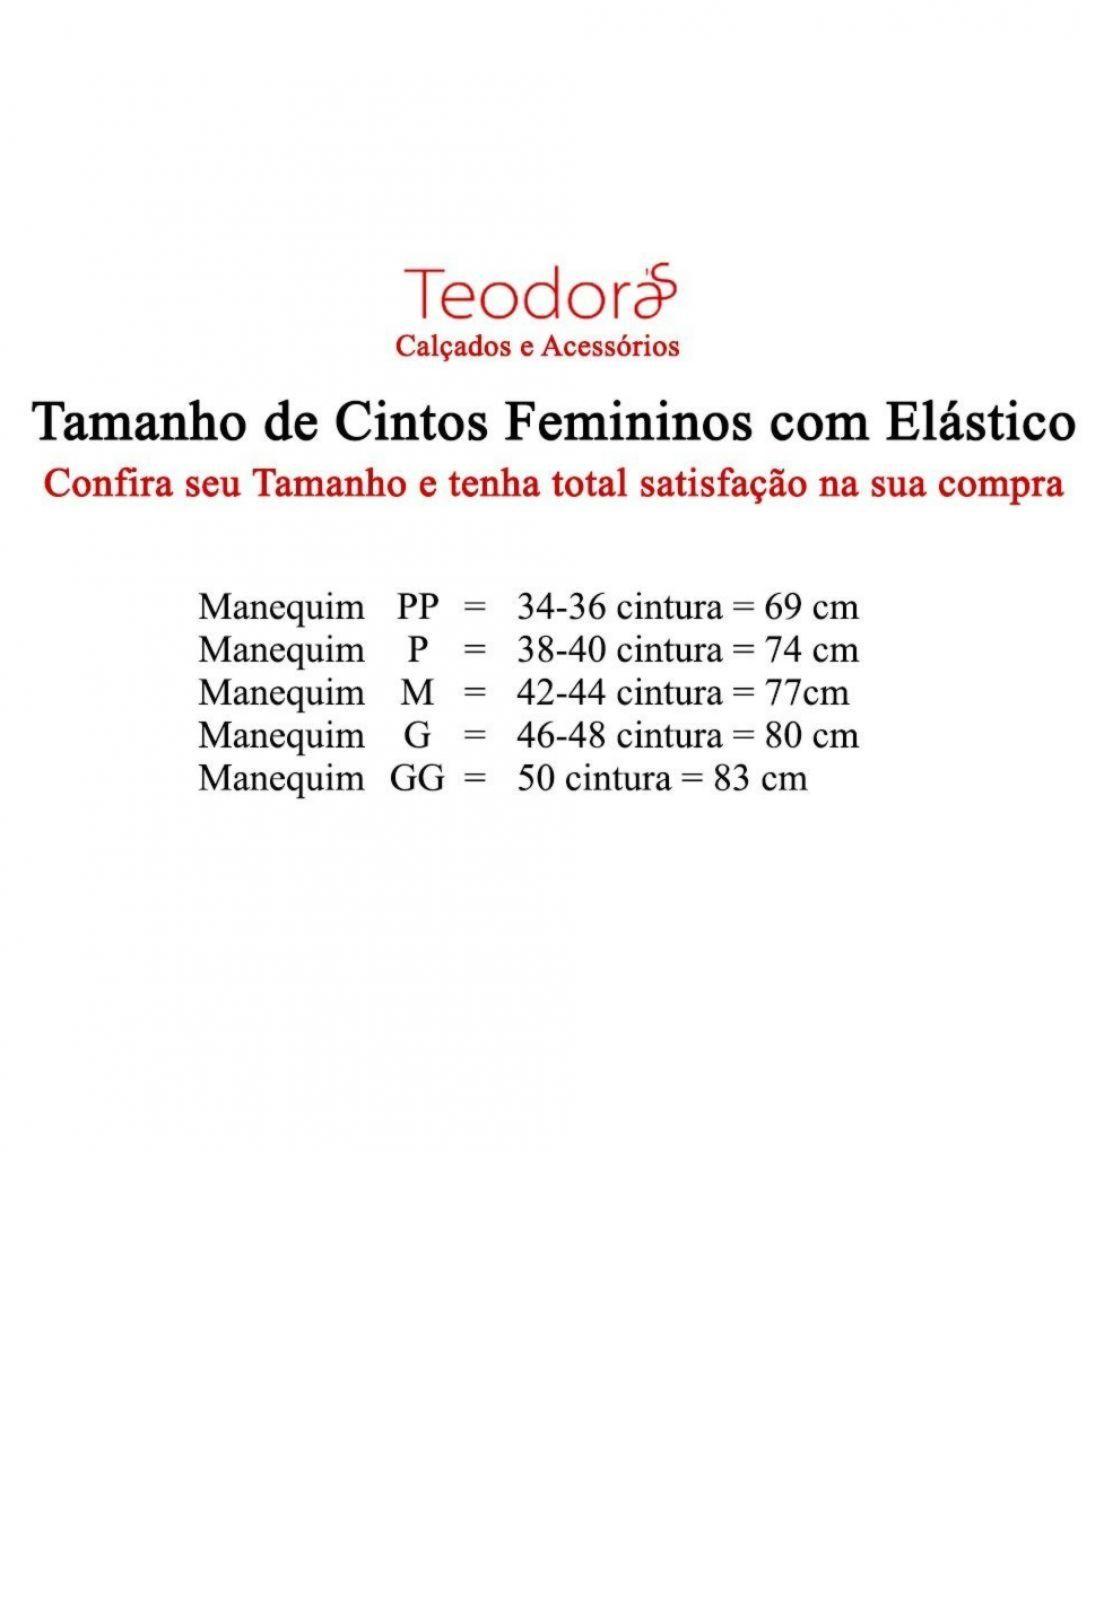 Cinto Teodora's Couro Elástico